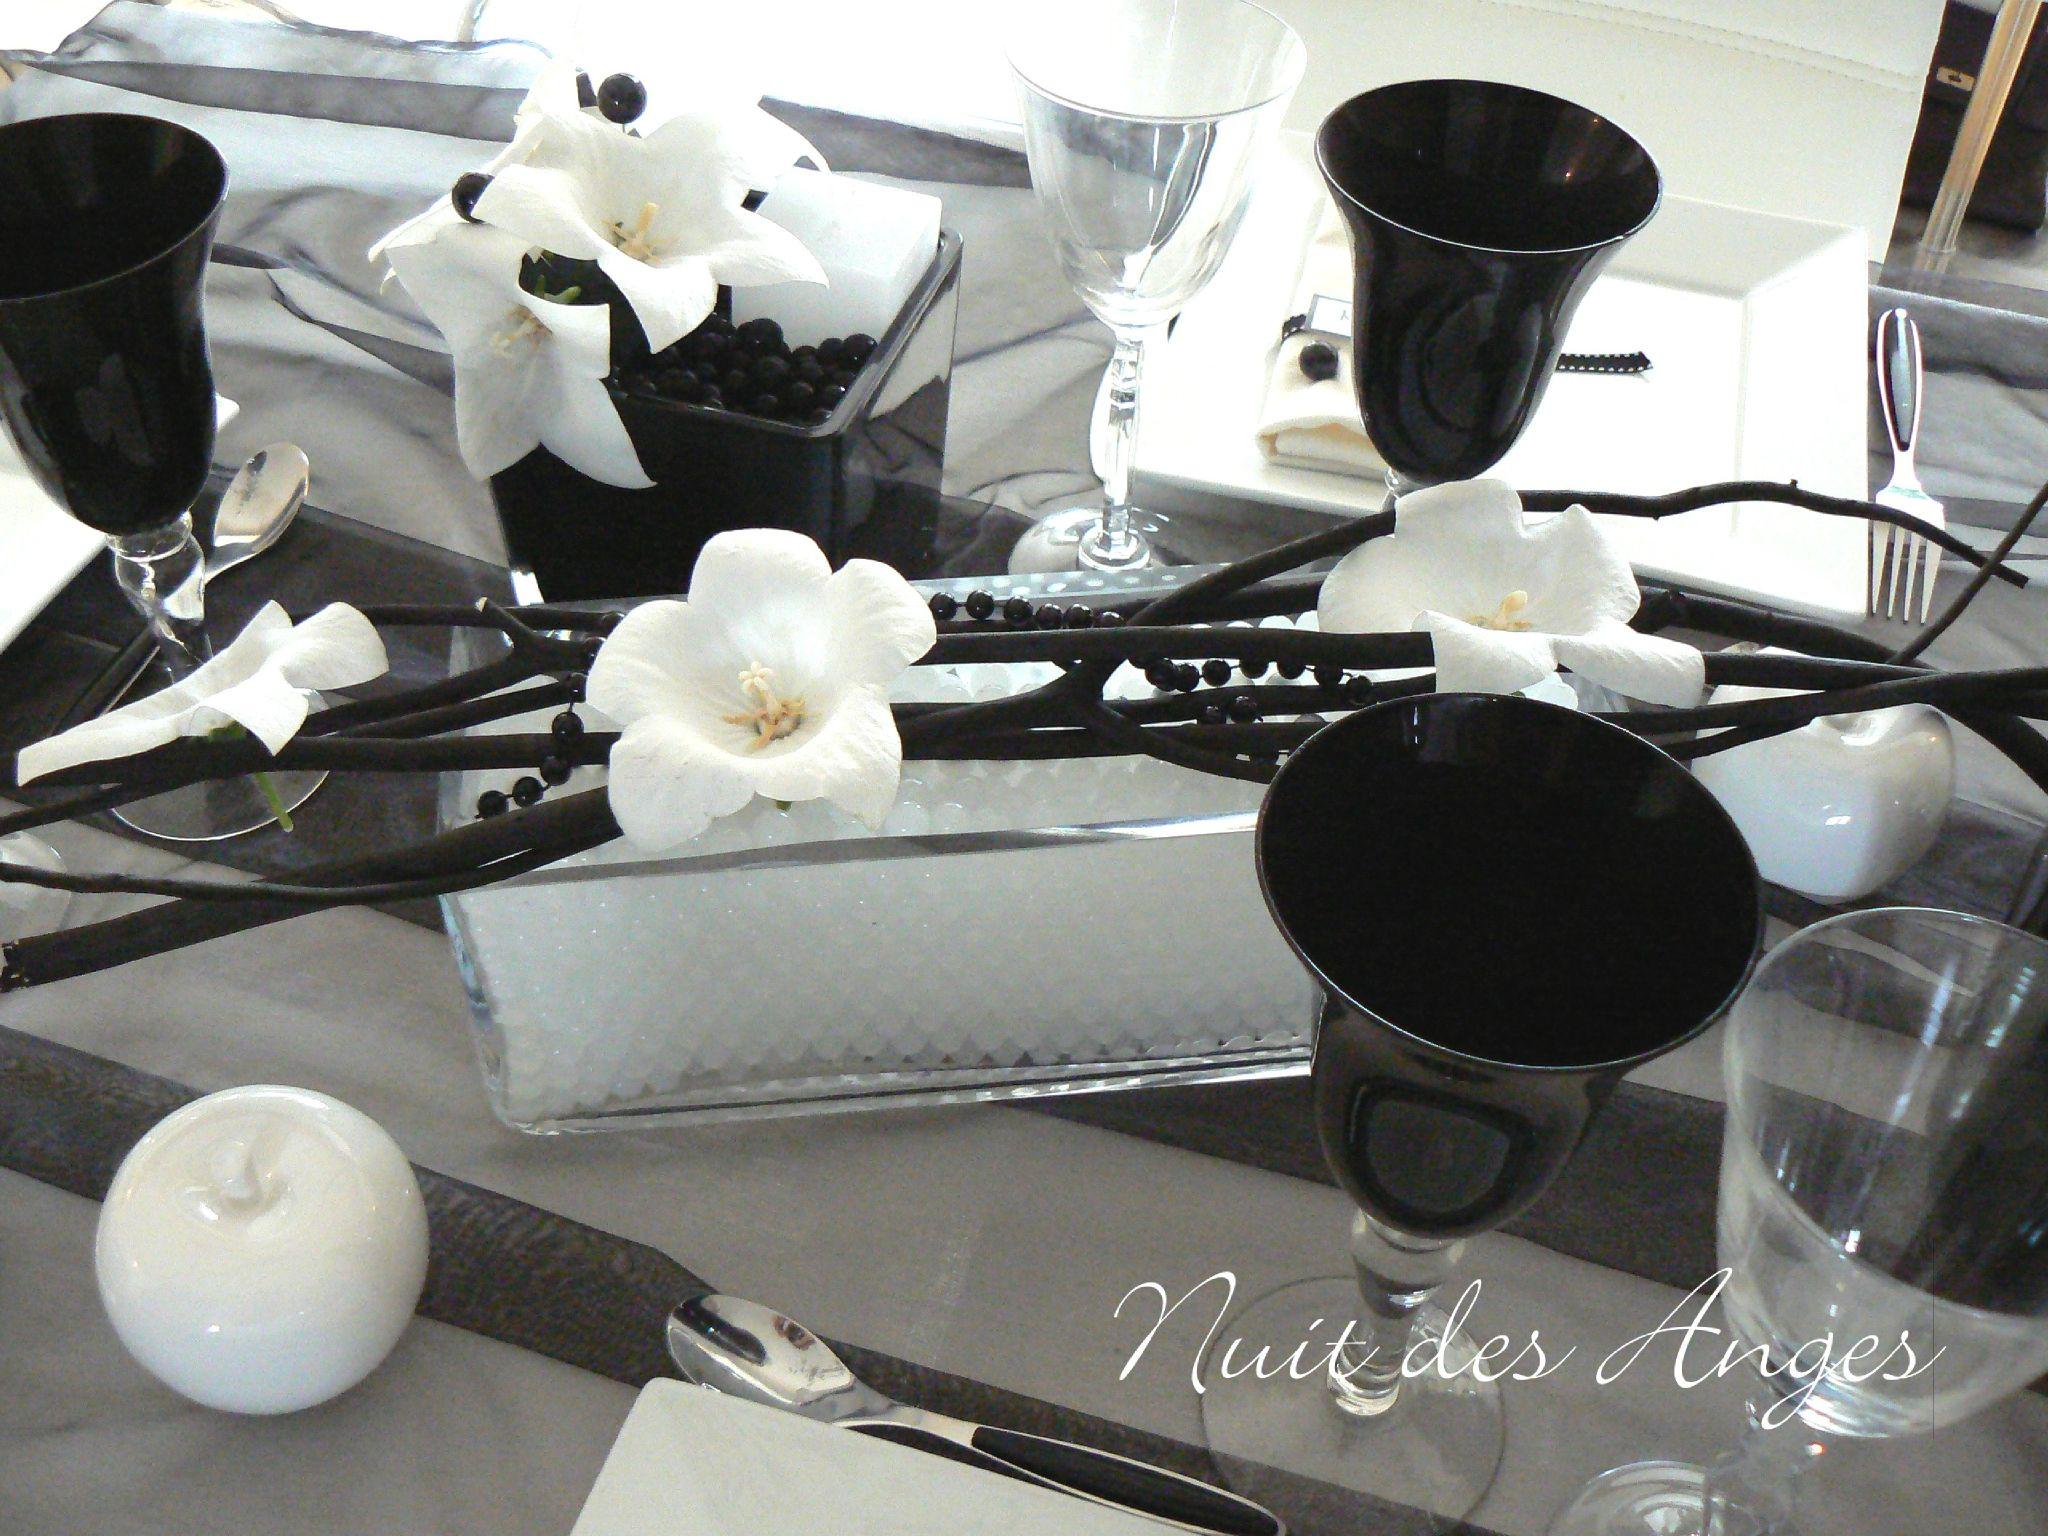 Superbe Idee Deco Mariage Noir Et Blanc #15: Nuit Des Anges Décoratrice De Mariage Décoration De Table Noir Et Blanc 009